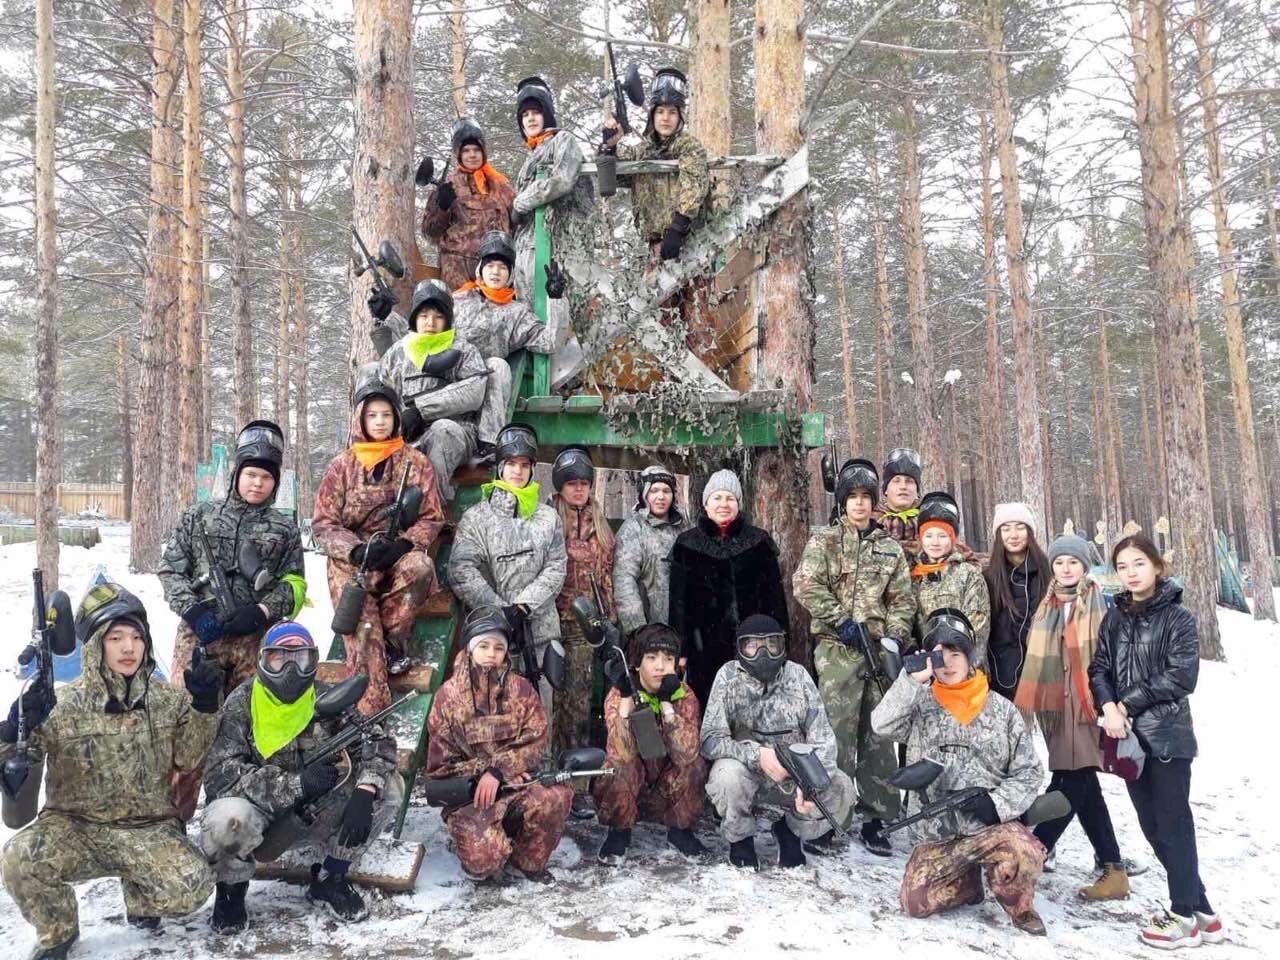 Группа ЭБАС19 в спортивном тактическом пейнтбольном клубе «Точка отрыва»